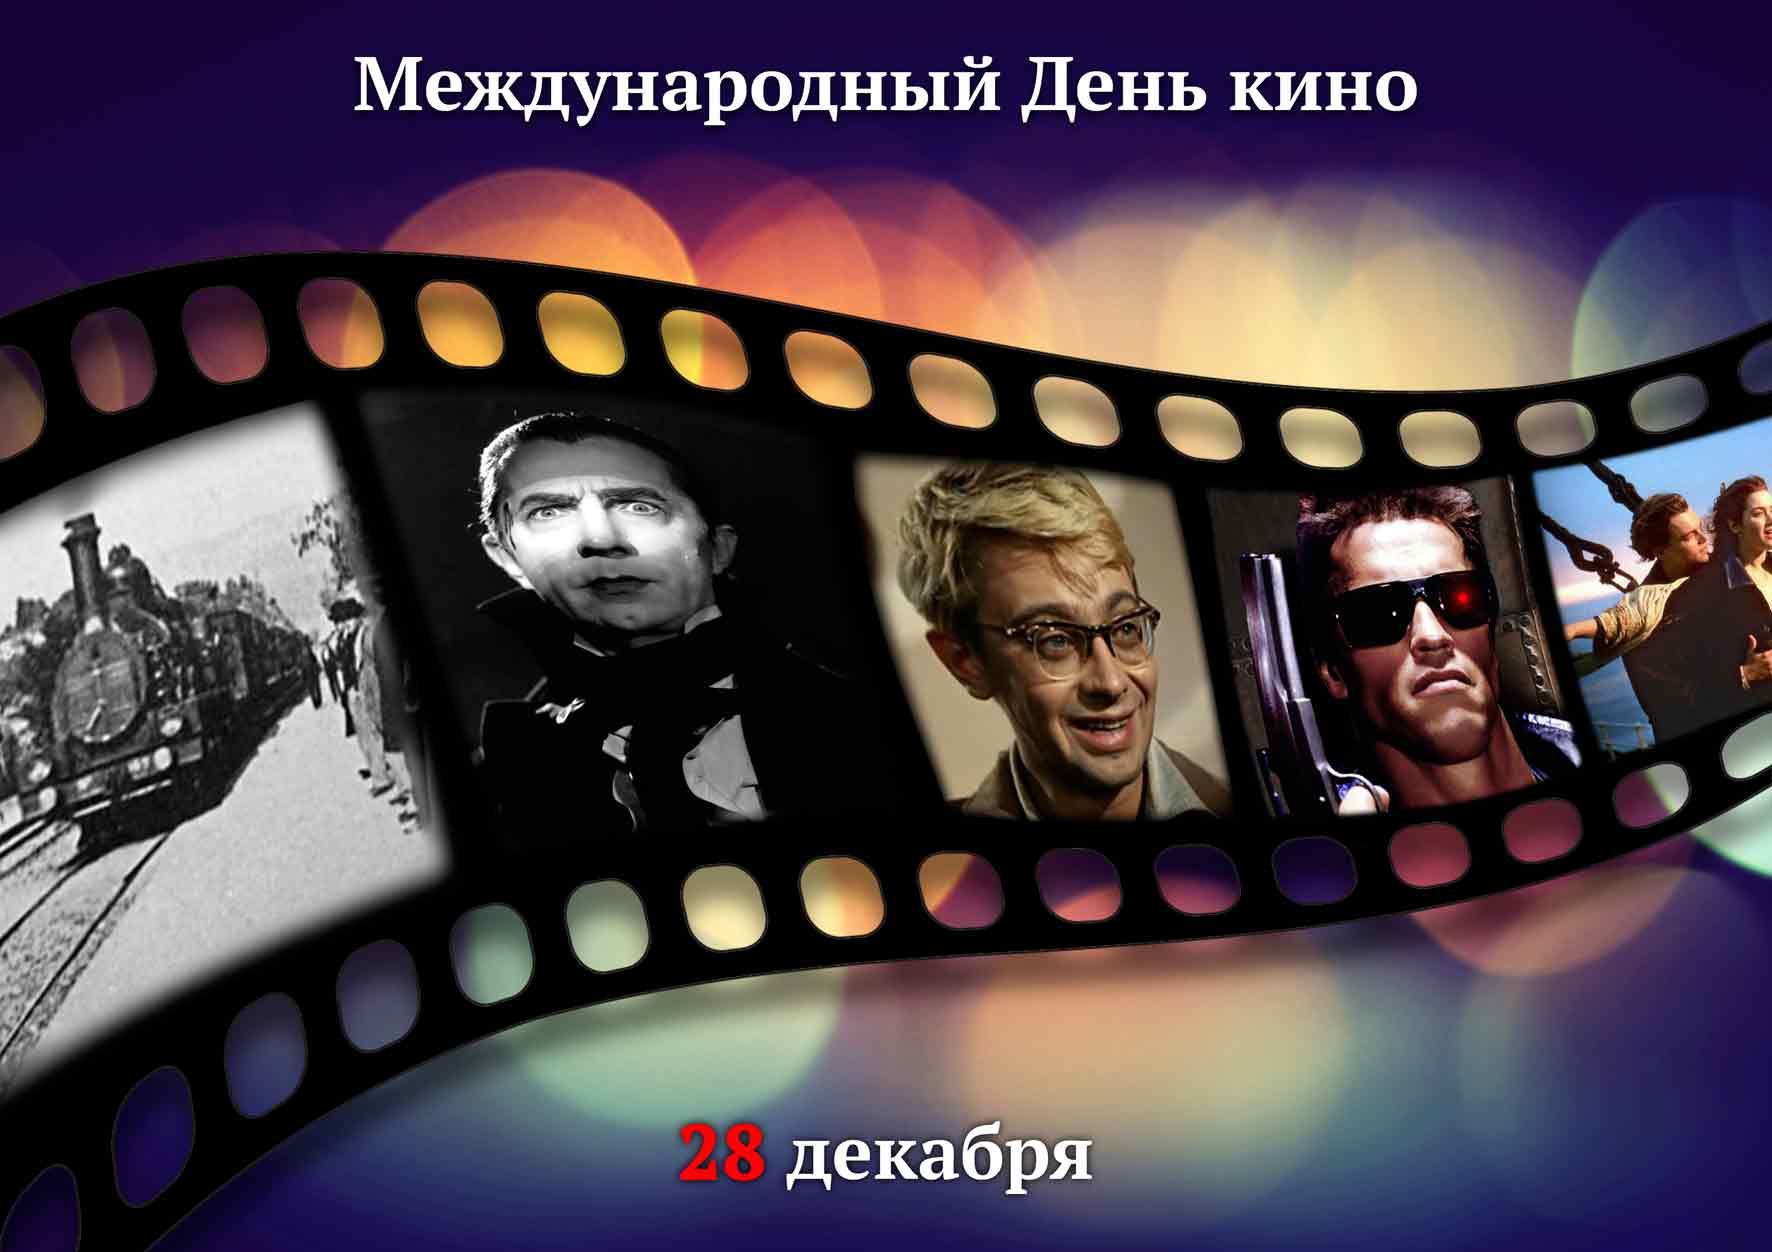 Открытка с международным днем кино, открытка для одноклассников